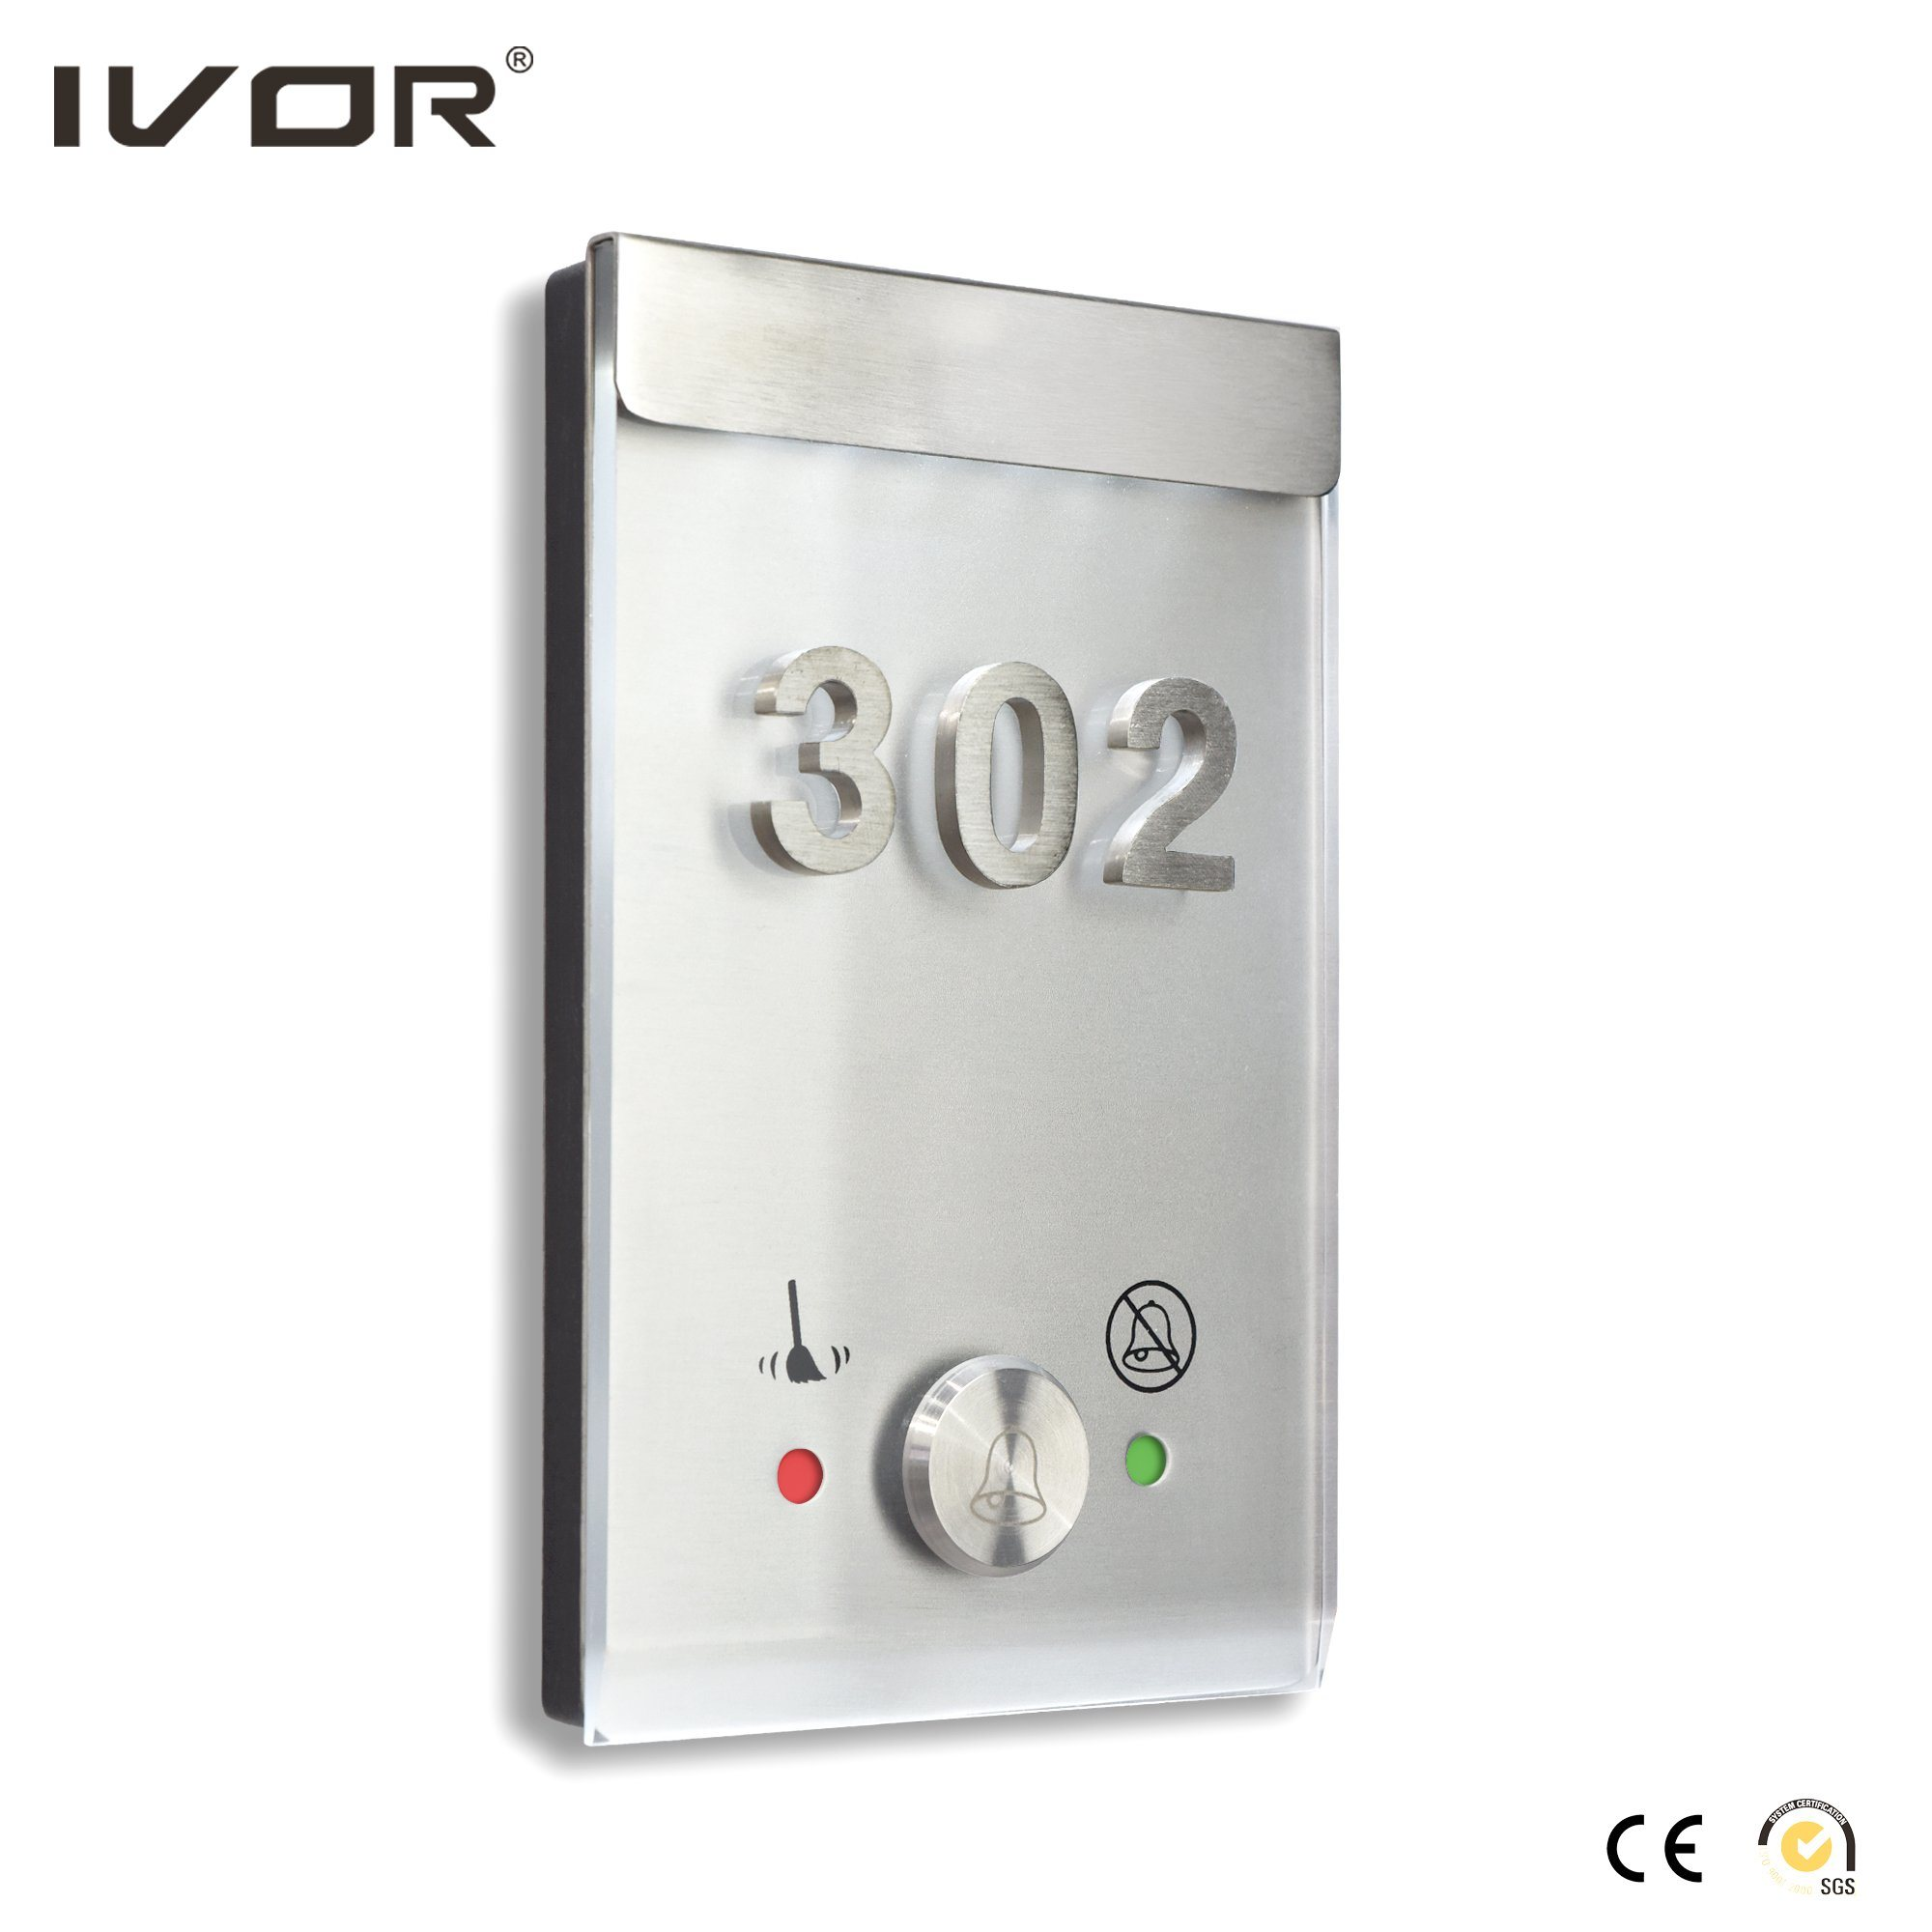 Ivor Hotel Dnd Doorbell Switch / Do Not Disturb Doorbell System with Room Number